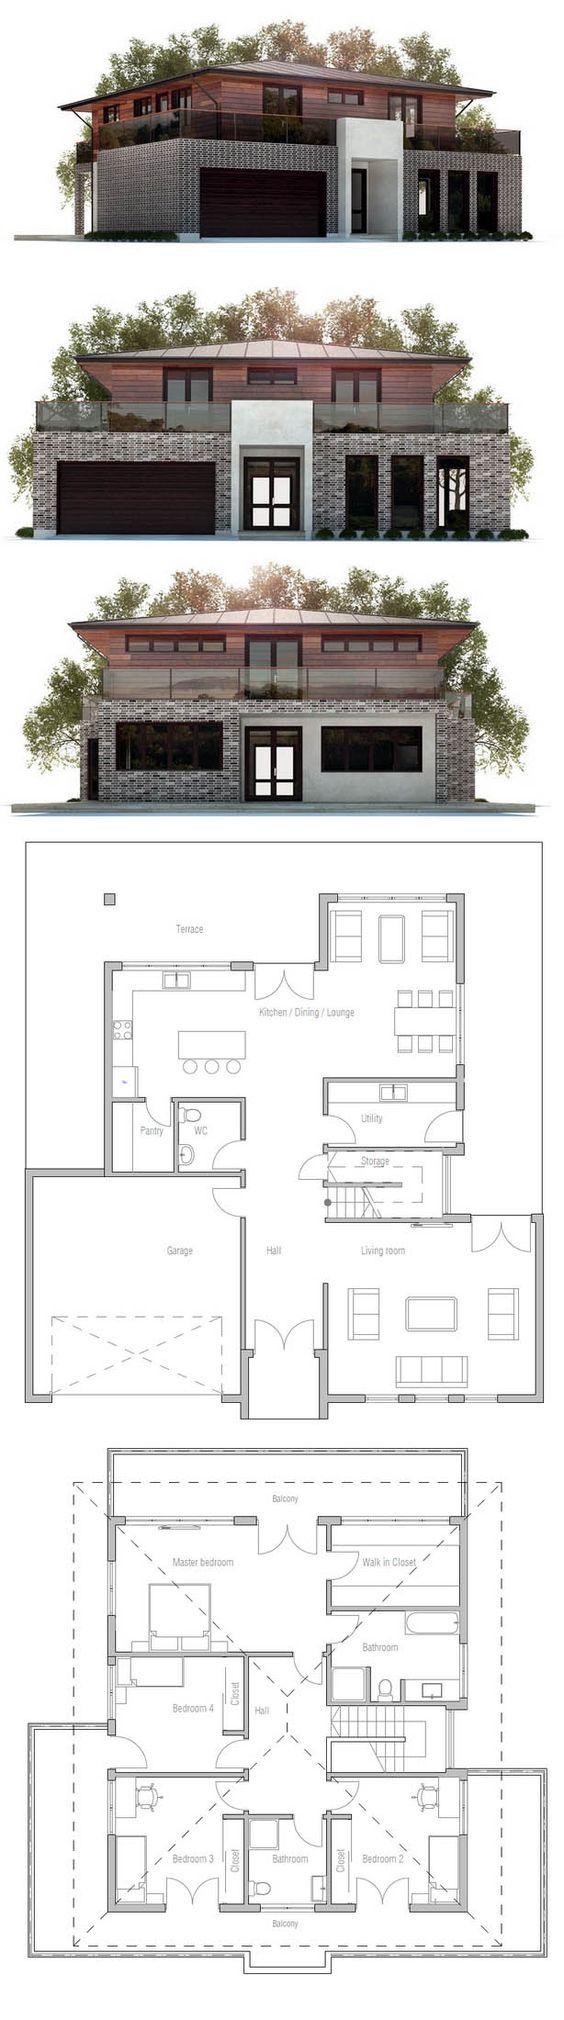 Planta de casa planos pinterest house - Como hacer planos de casas en 3d ...